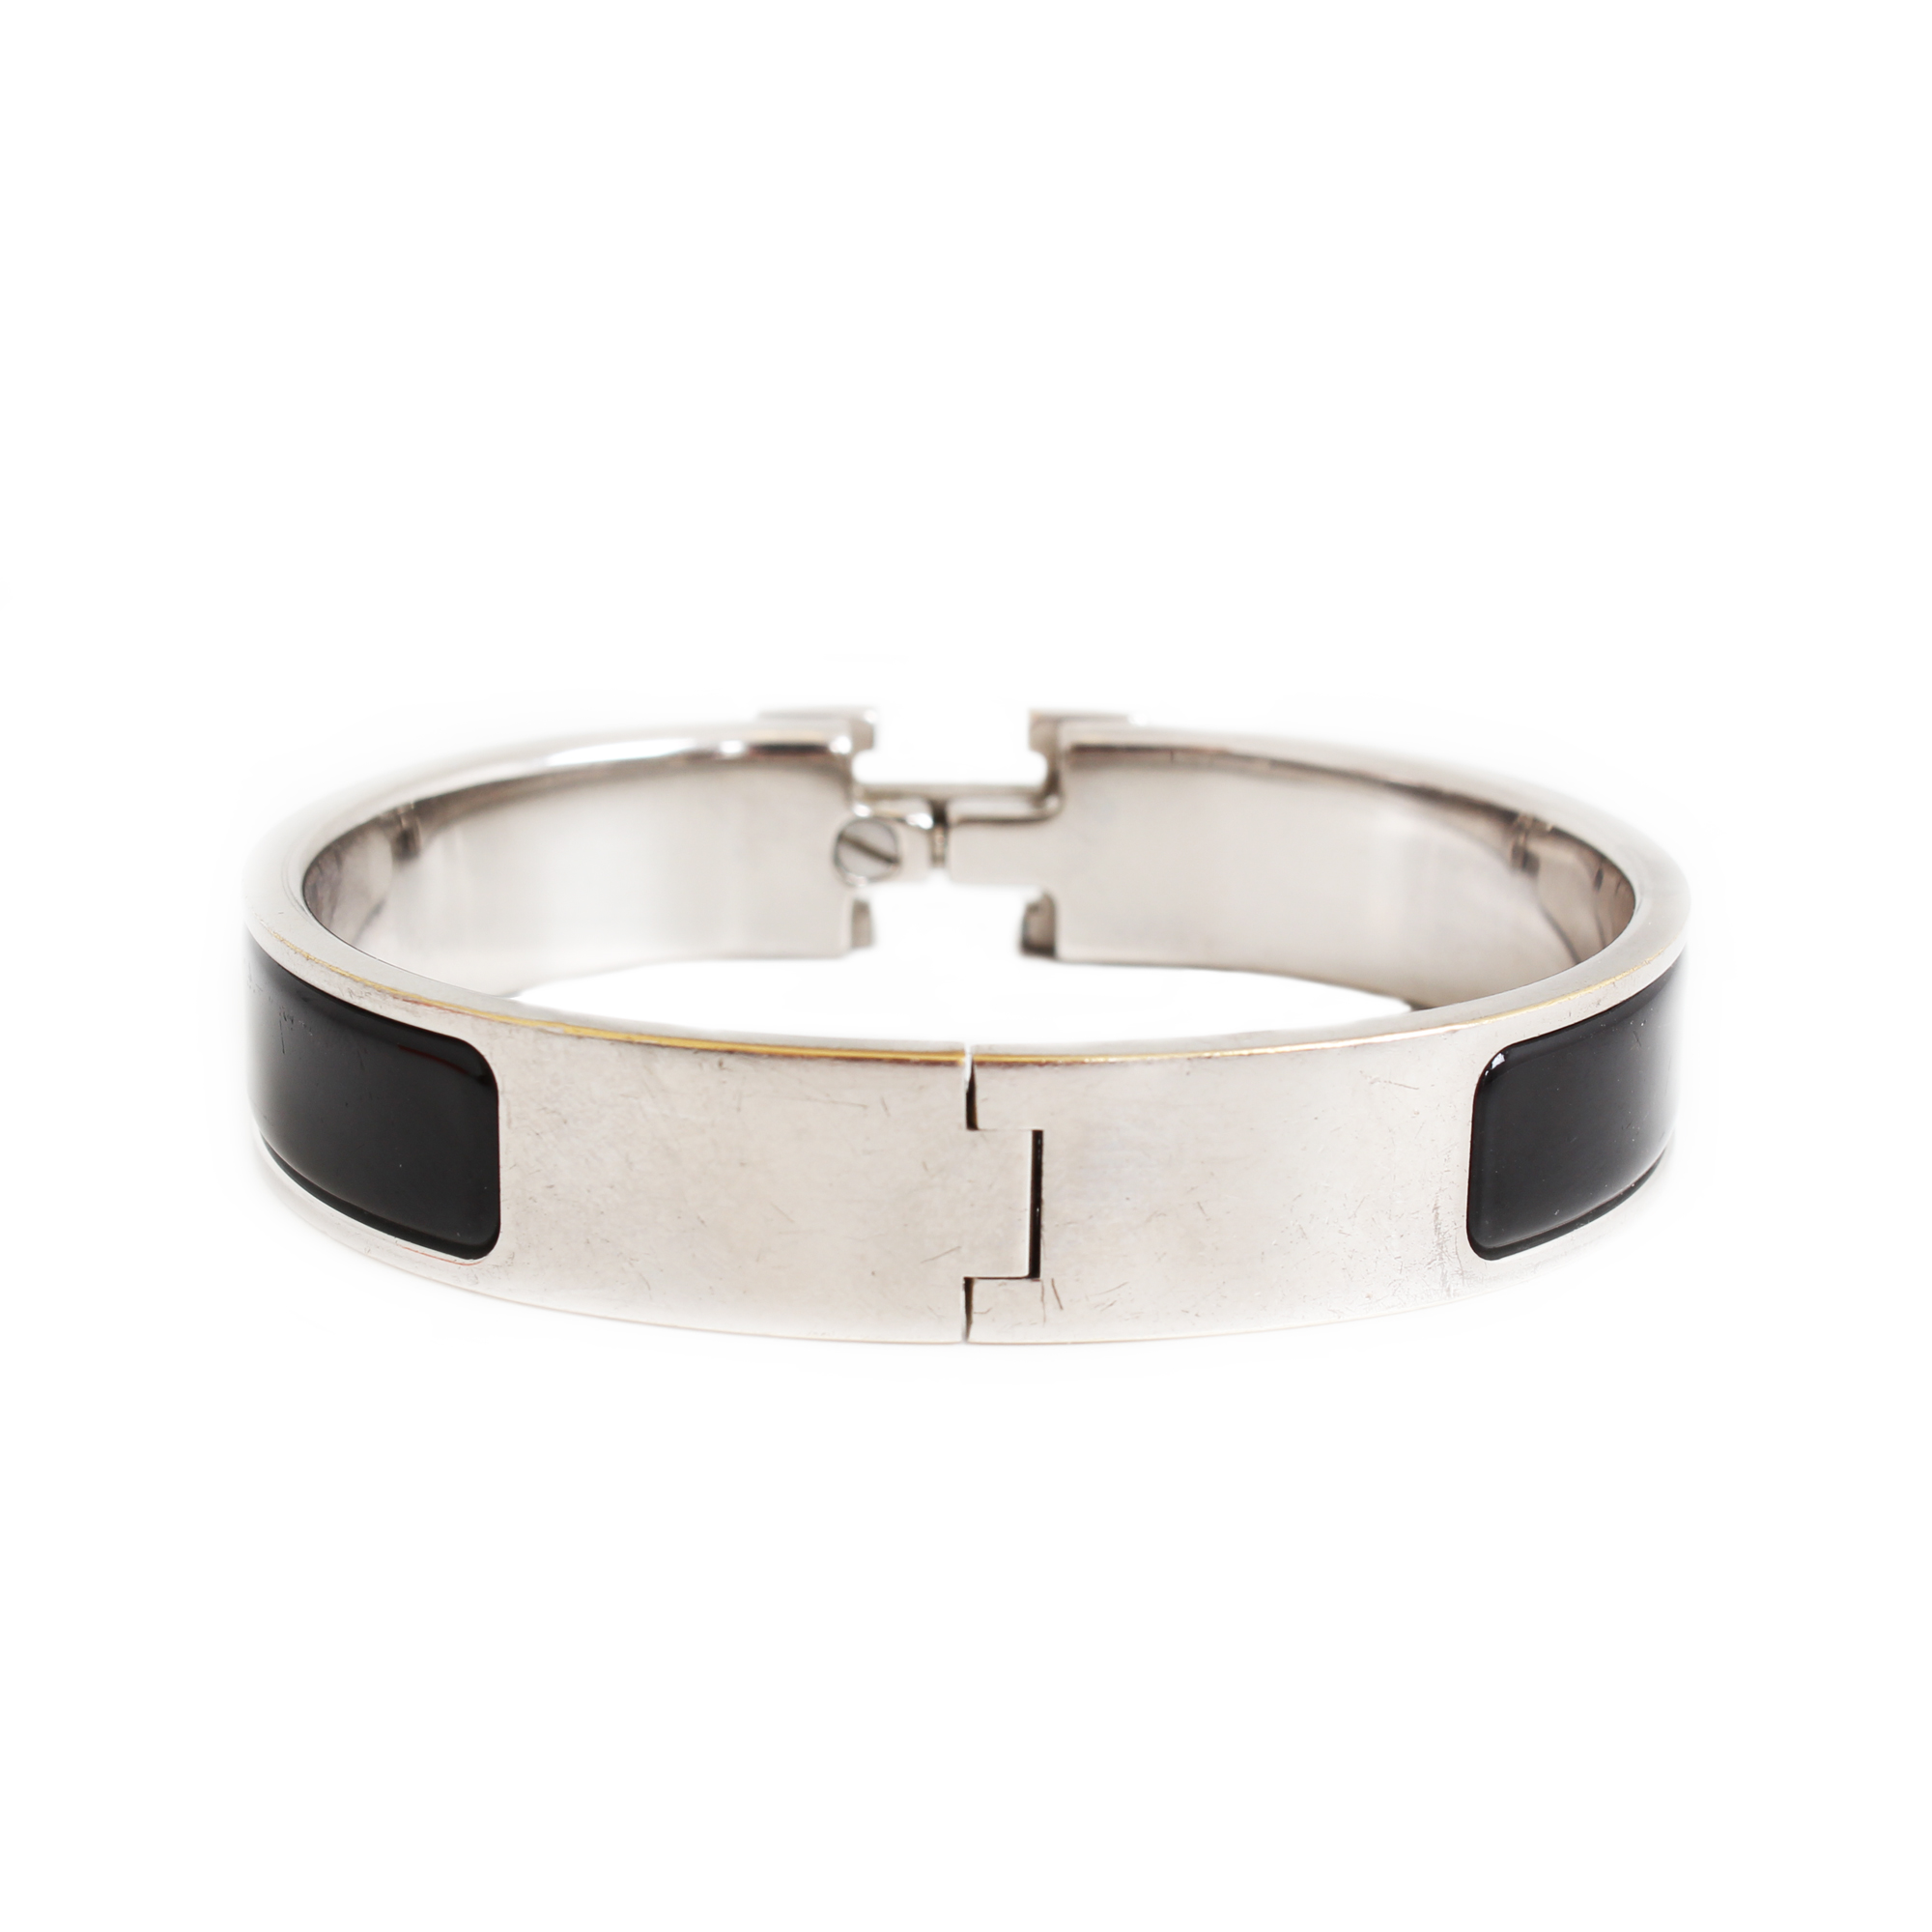 Back image of hermes clic clac h bracelet silver enamelwork black